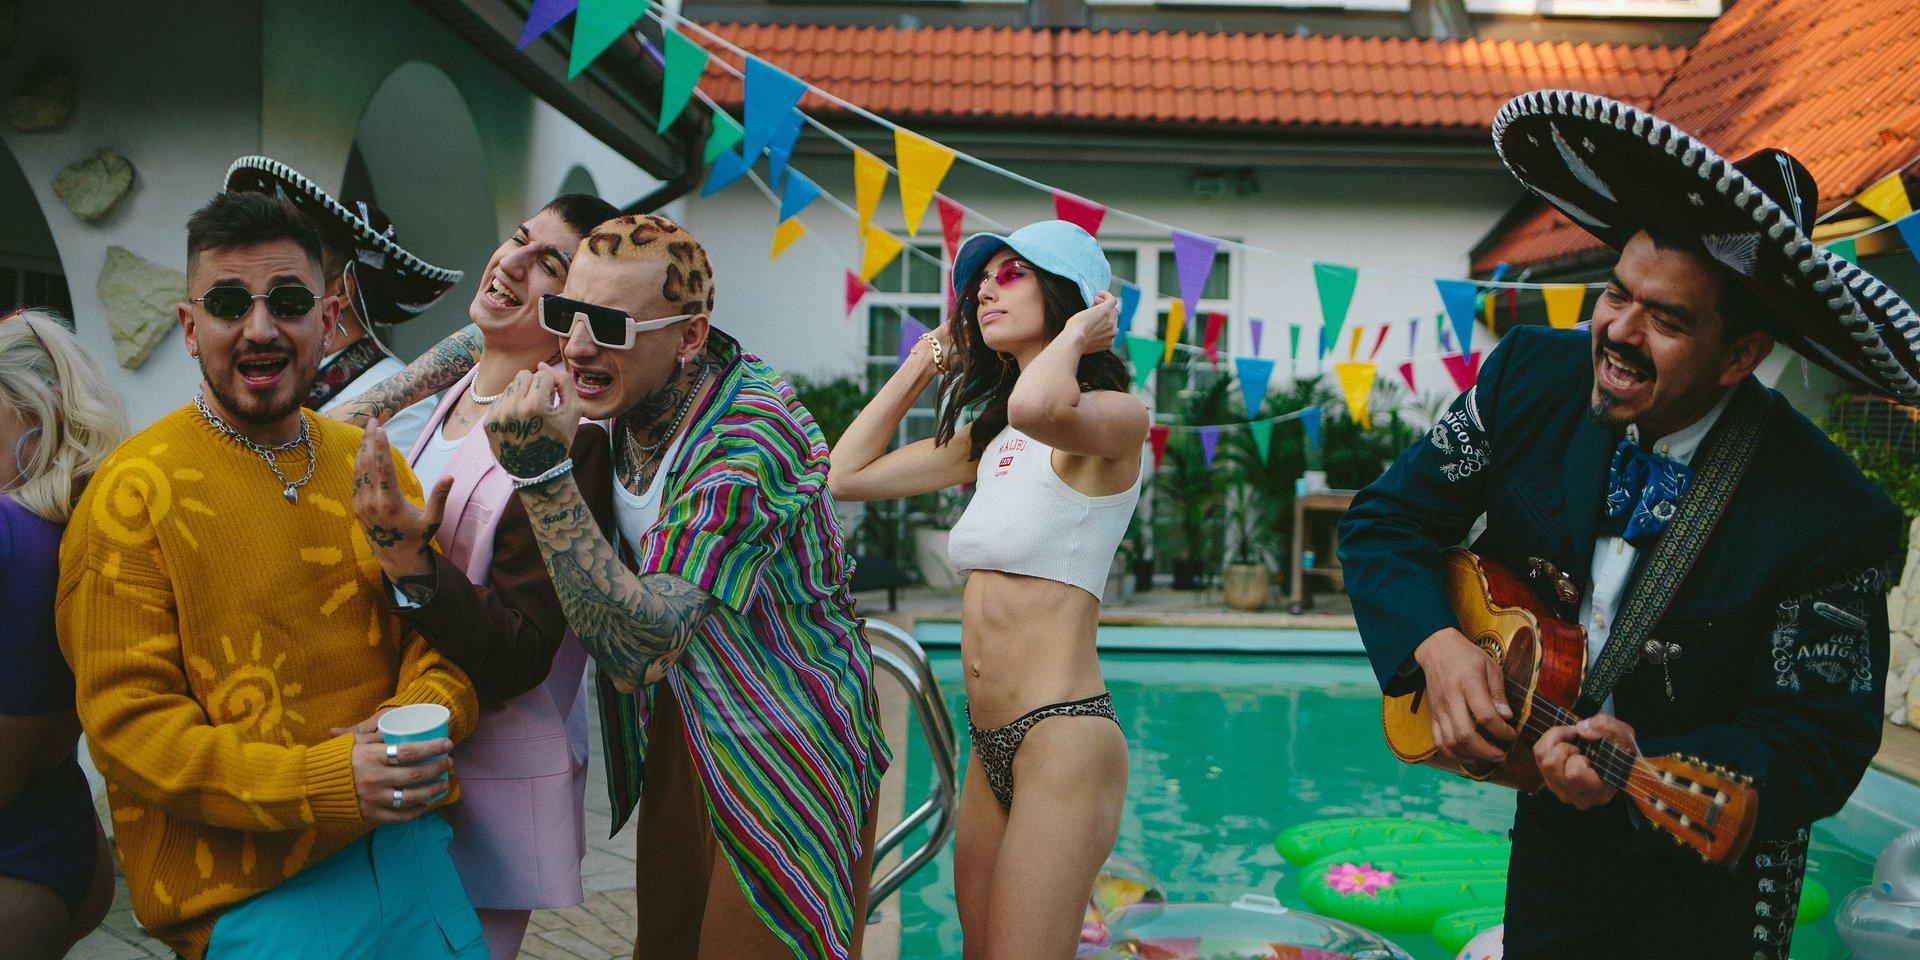 Codziennie tylko Fiesta. Nowy hit od Deemza, Smolastego i Sobla